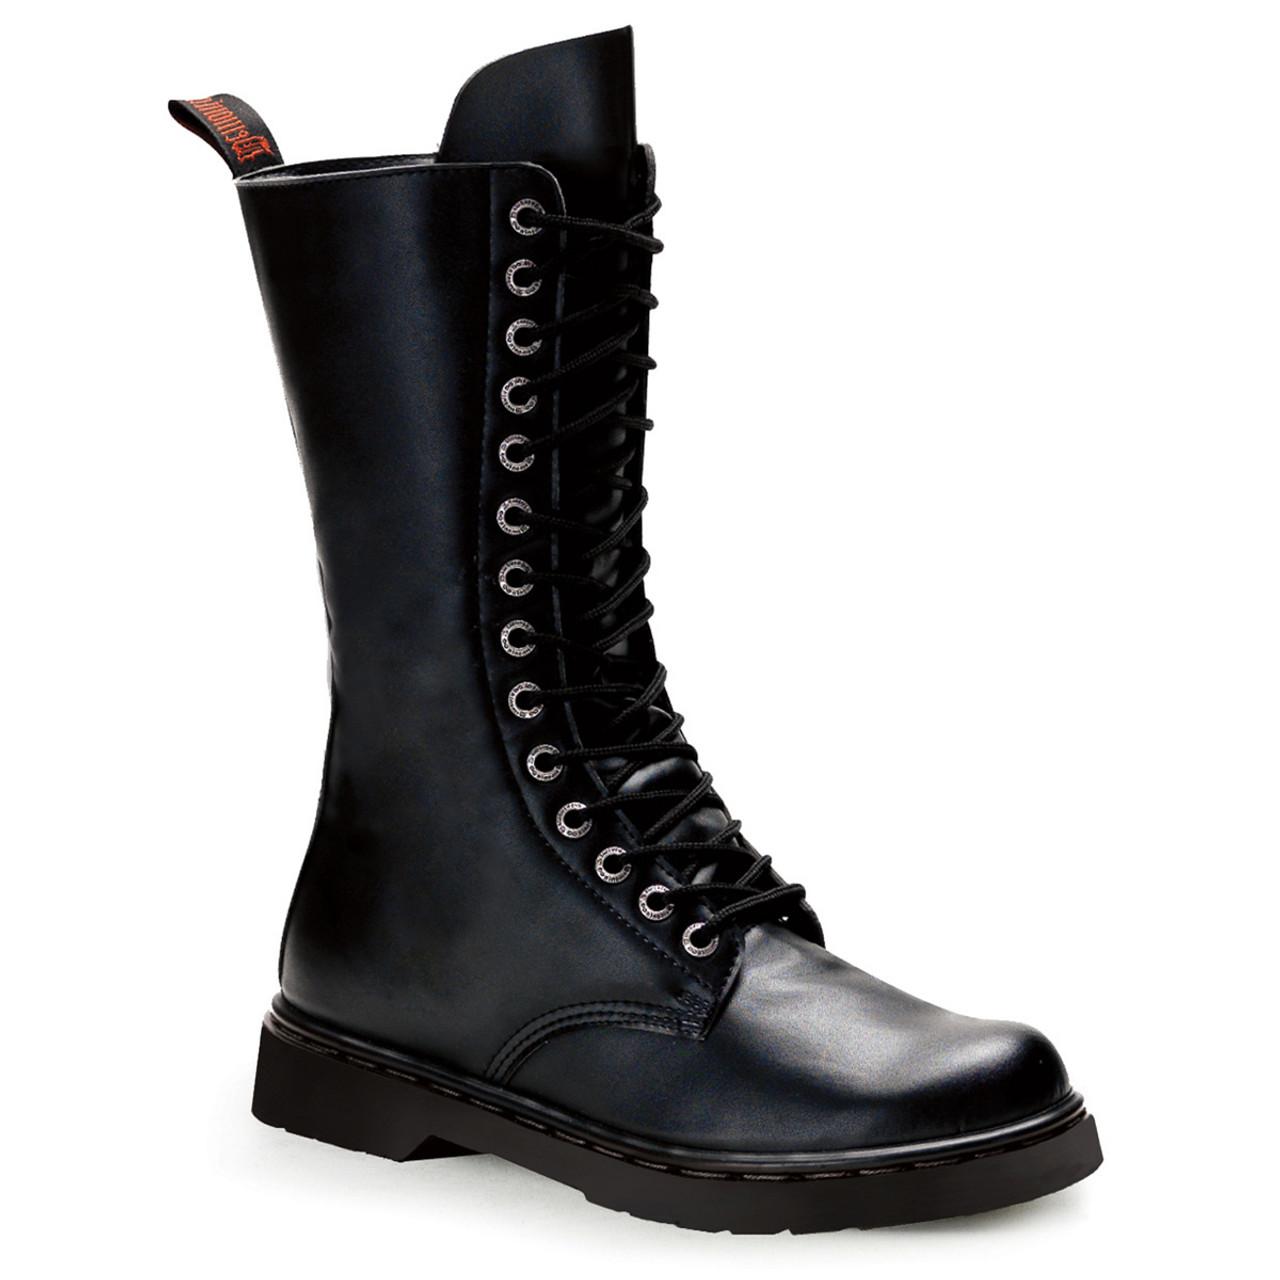 Defiant-300 Men's Mid Calf Combat Boots